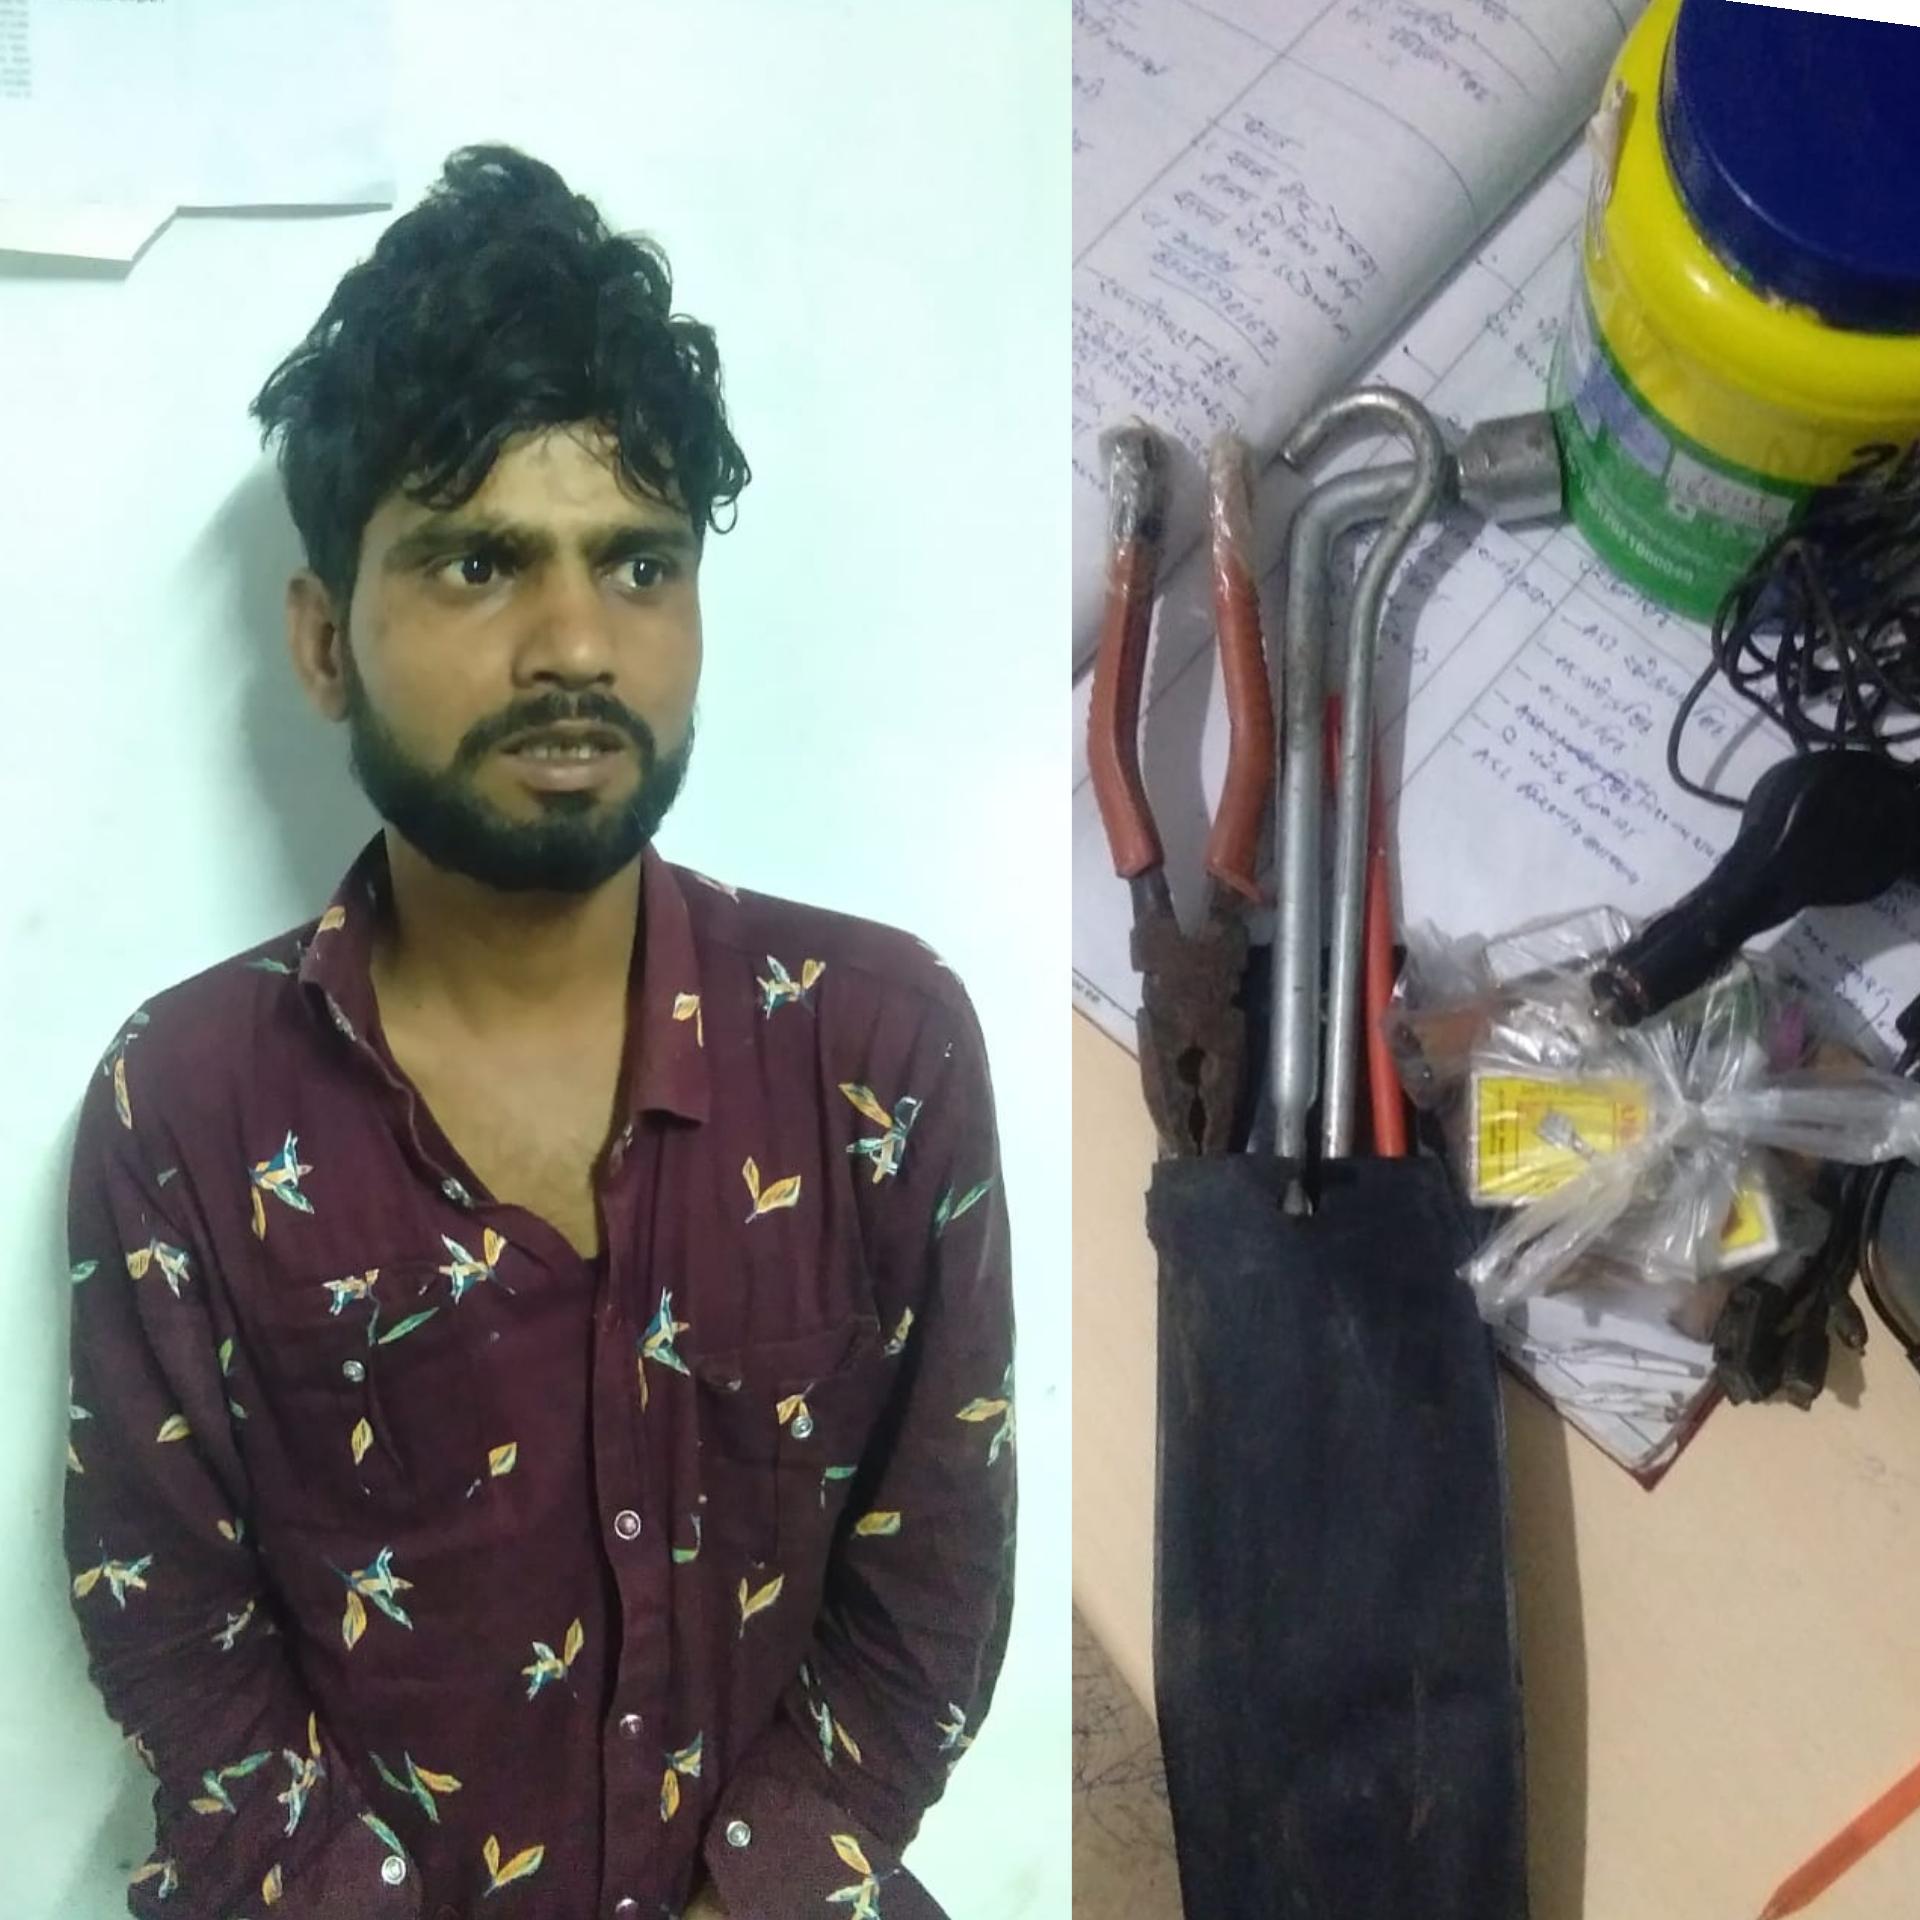 ATM मशीन को तोड़कर रहा था वारदात का प्रयास, समय पर पहुंची पुलिस, पकड़ा बदमाश|ग्वालियर,Gwalior - Dainik Bhaskar